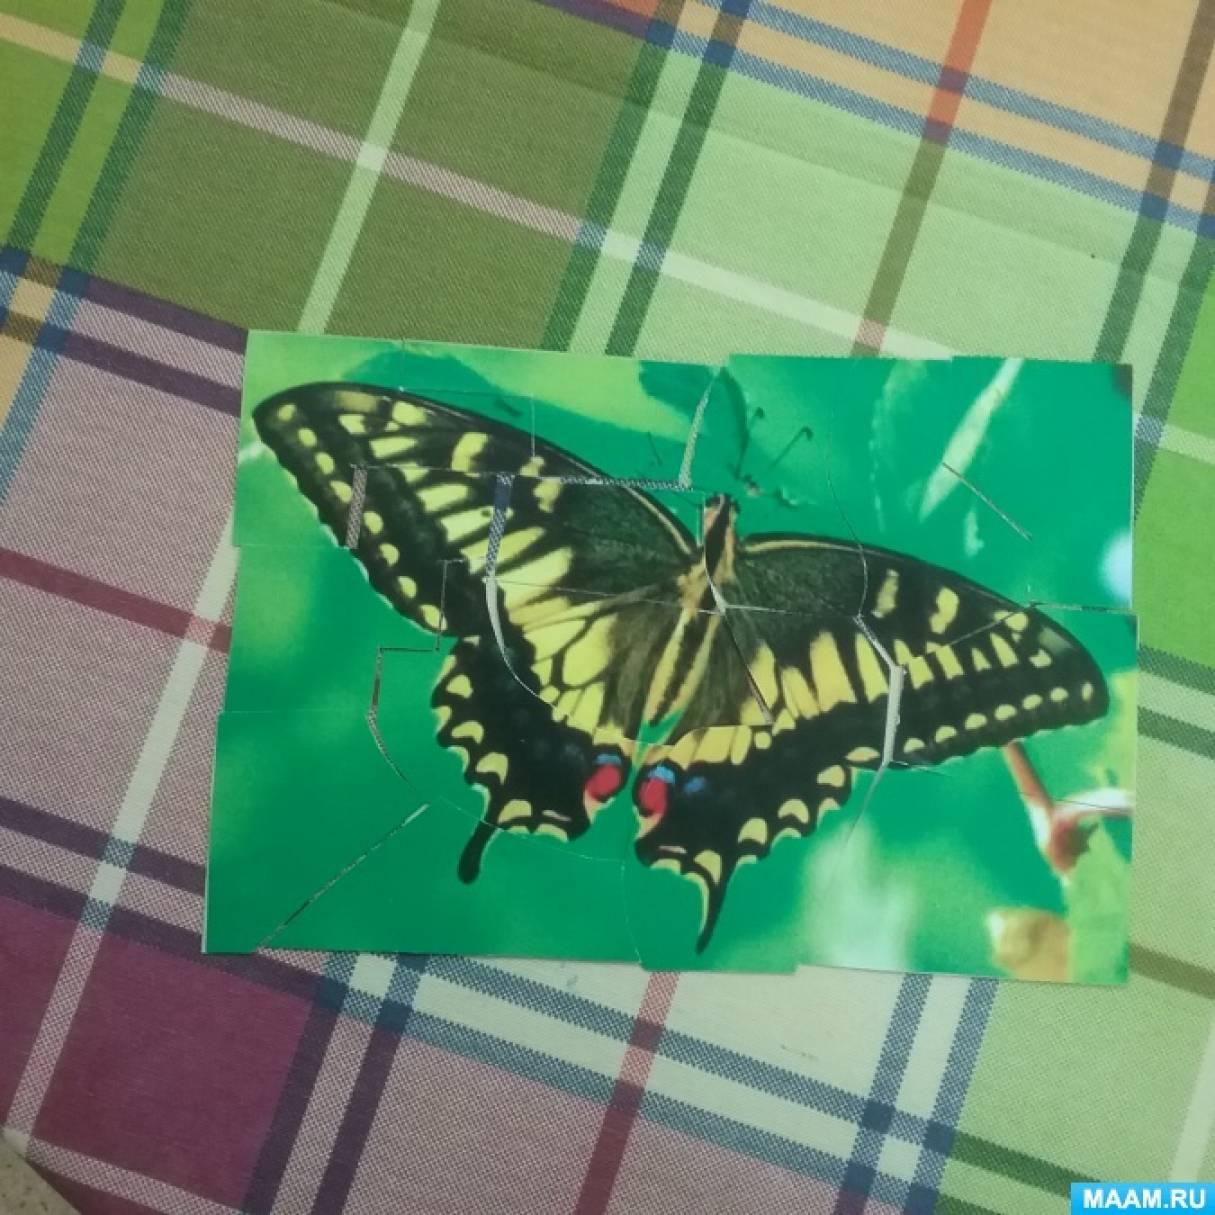 Лэпбук «Насекомые. Бабочки»